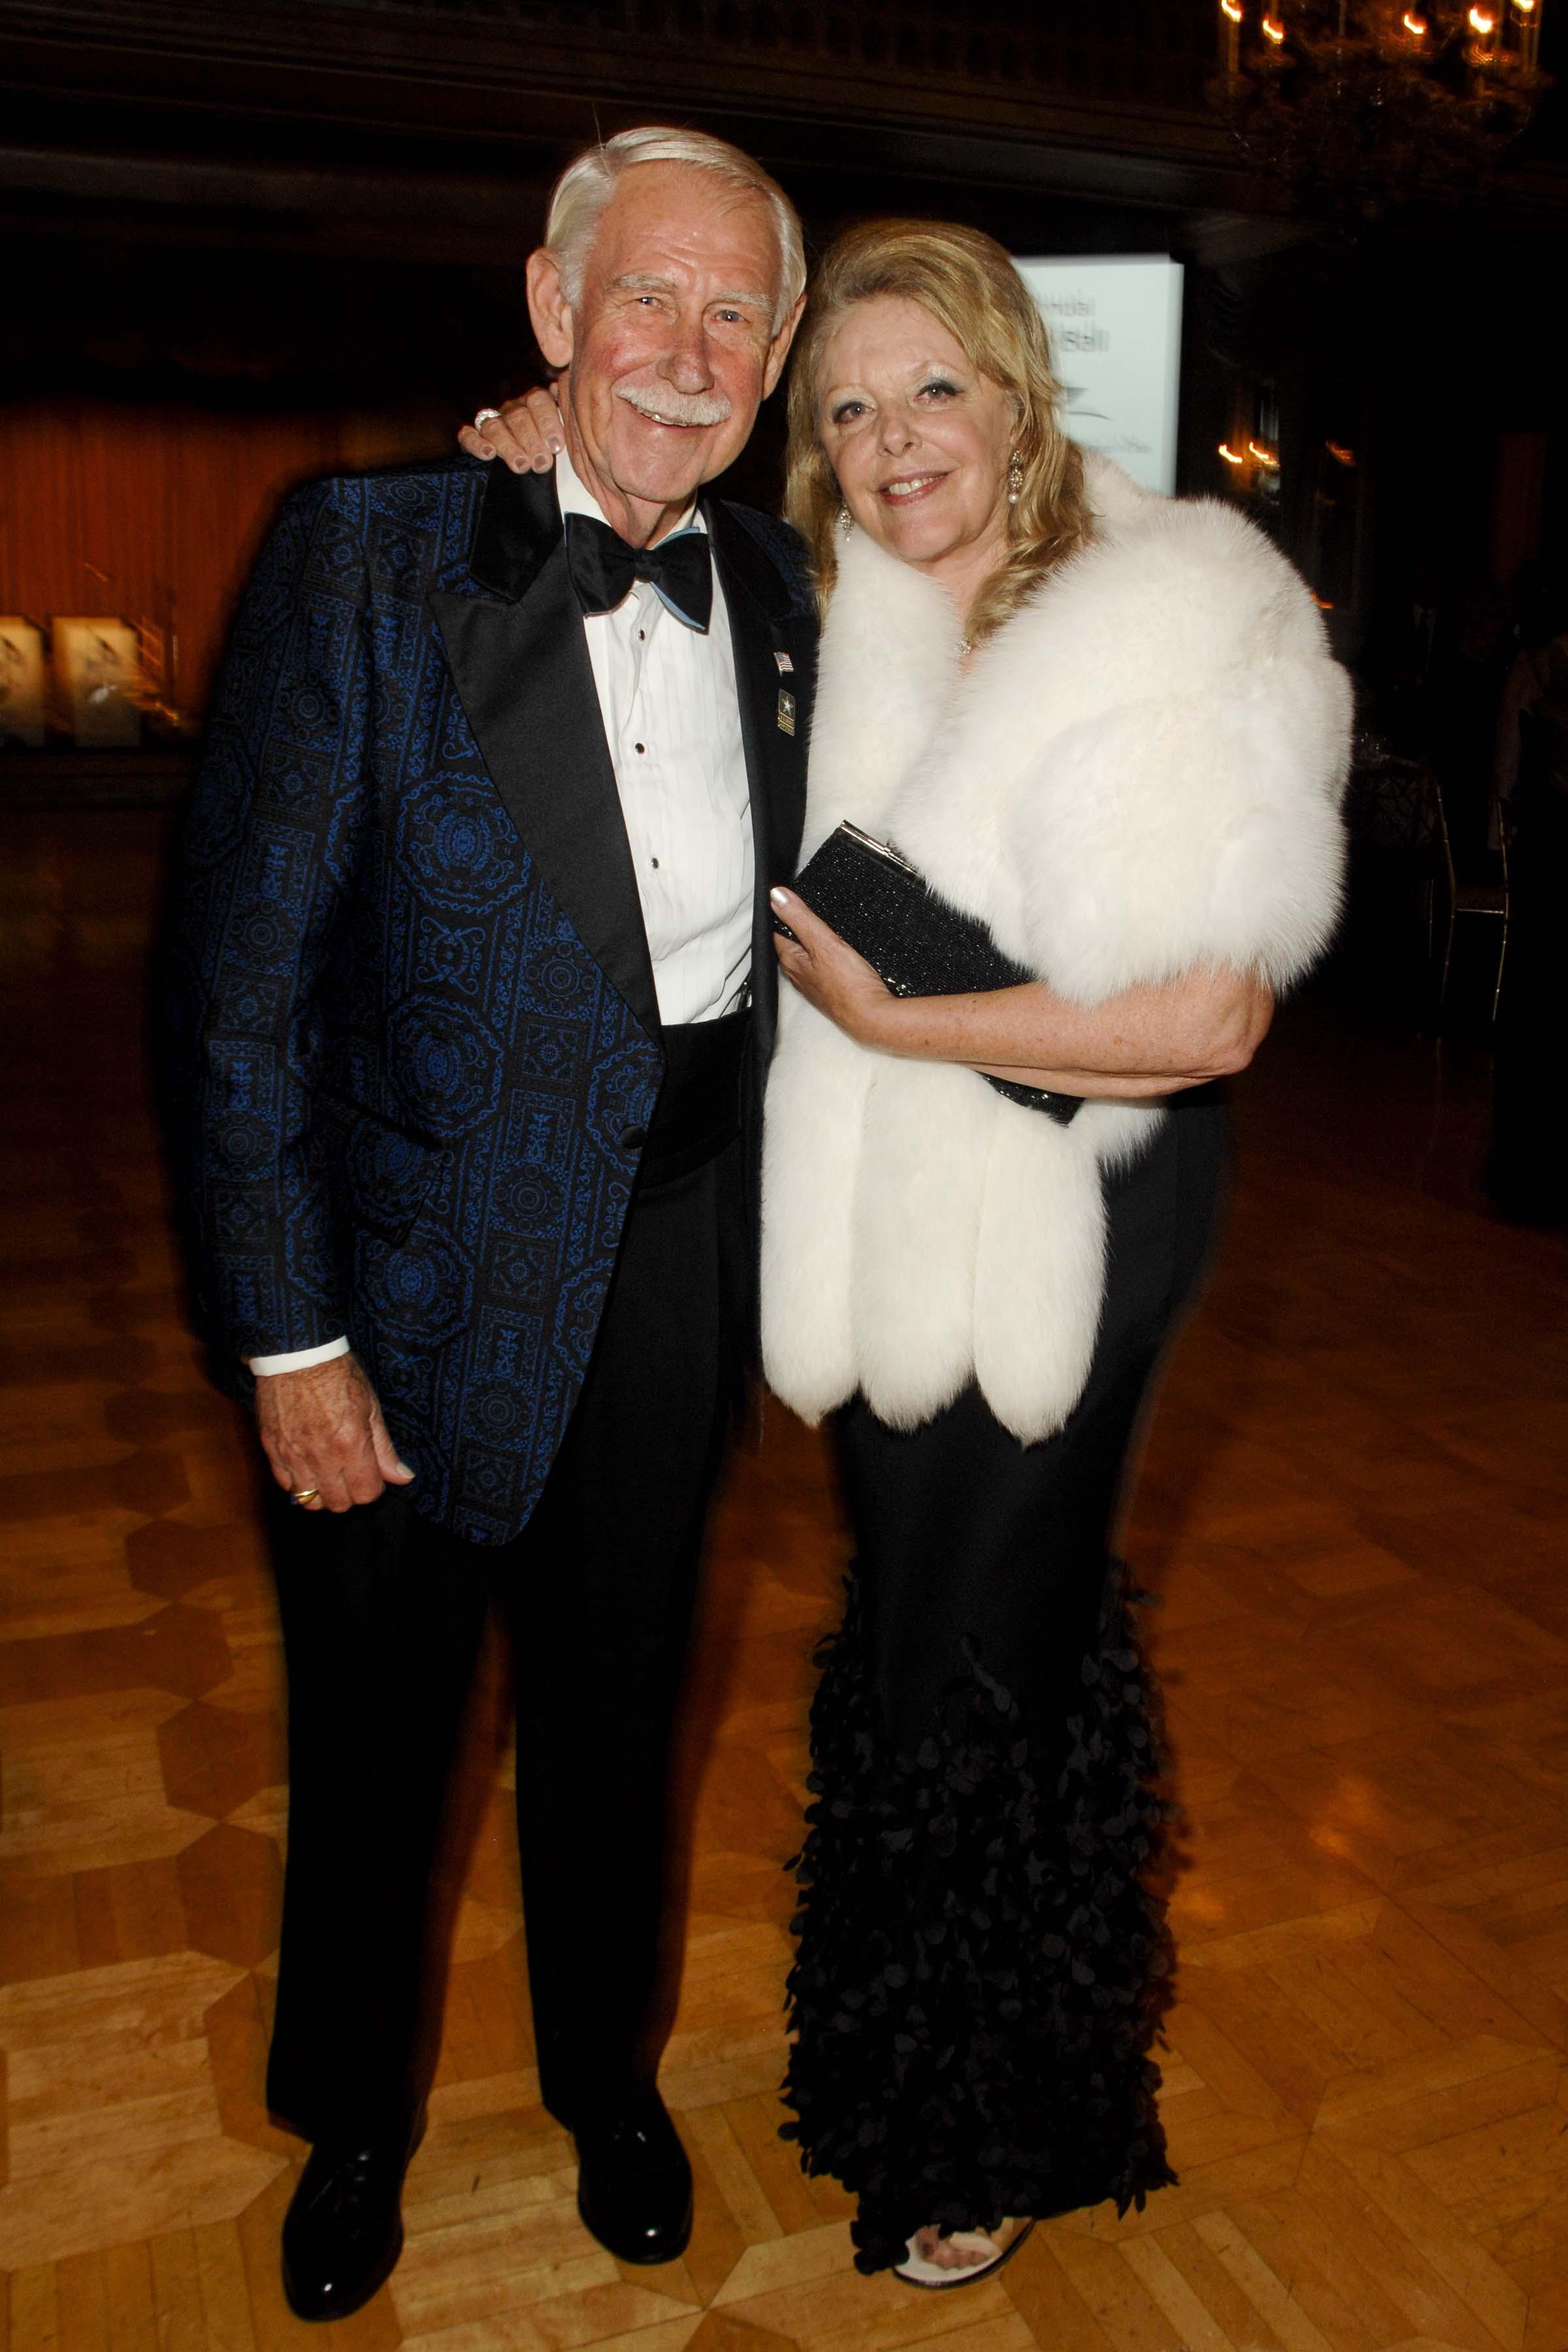 Bob and Susan Frederick